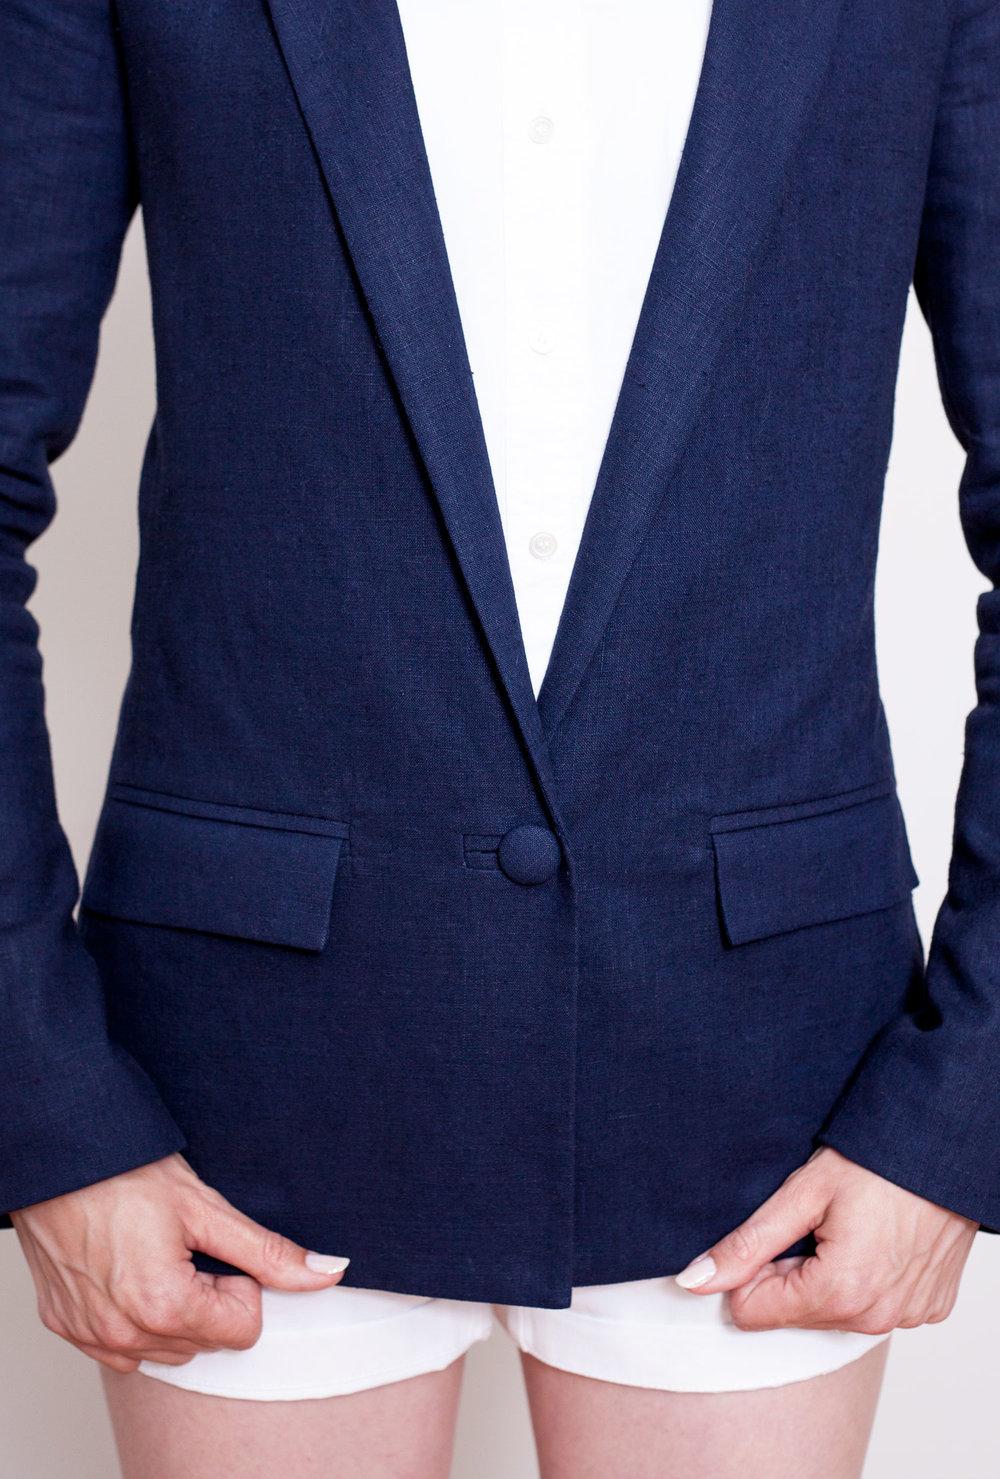 Front-Detail-Navy-Blazer.jpg